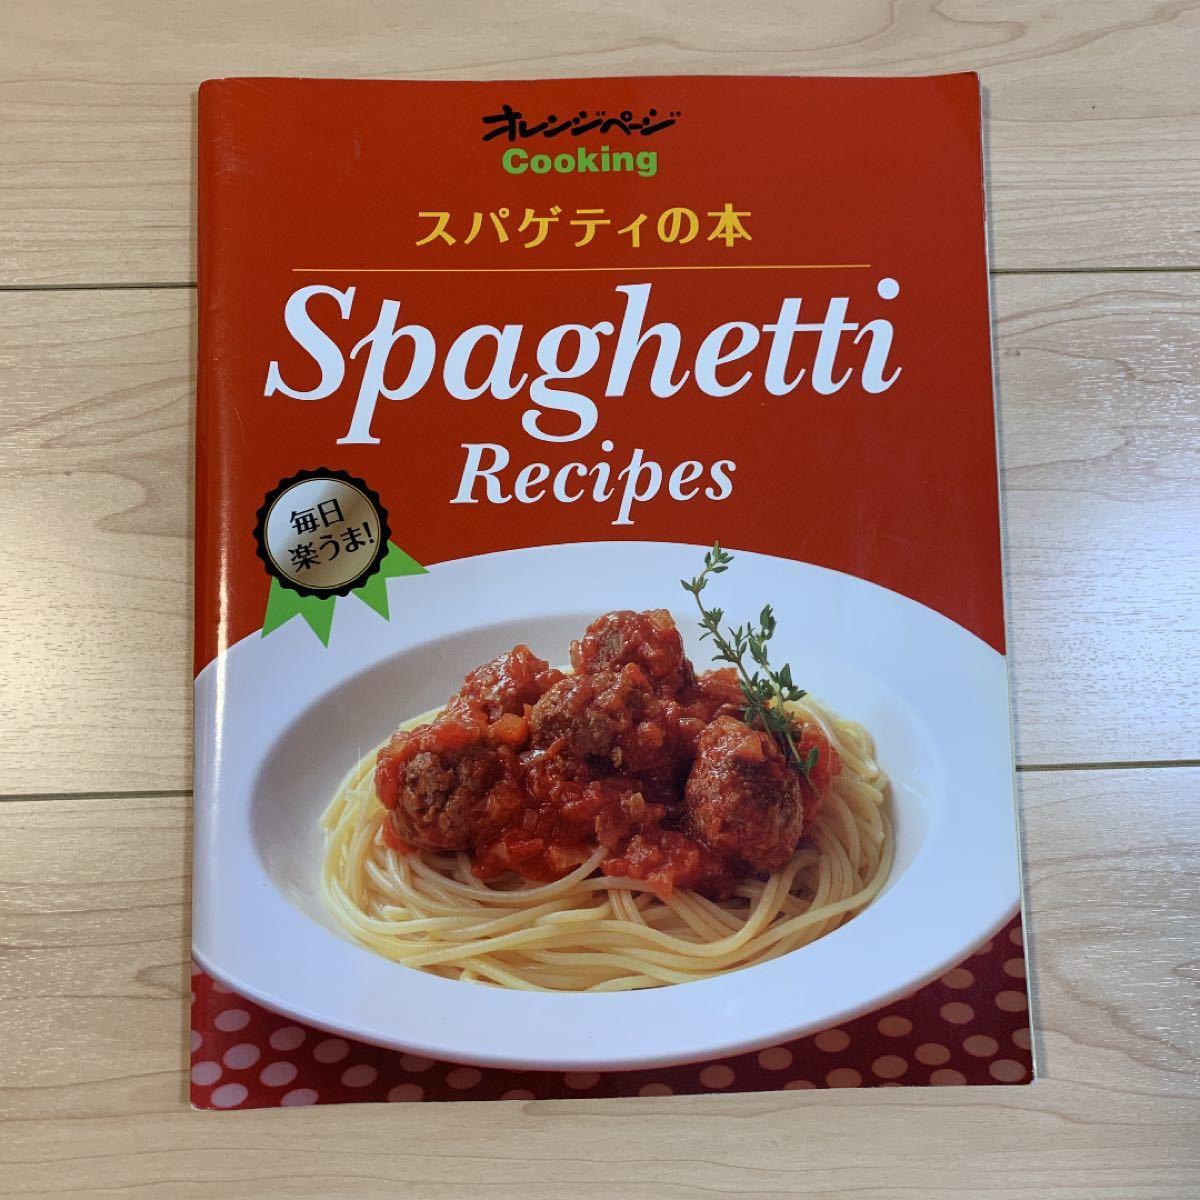 料理本 3冊 セット スパゲティ おかず 献立 定番 節約 野菜 レシピ お得